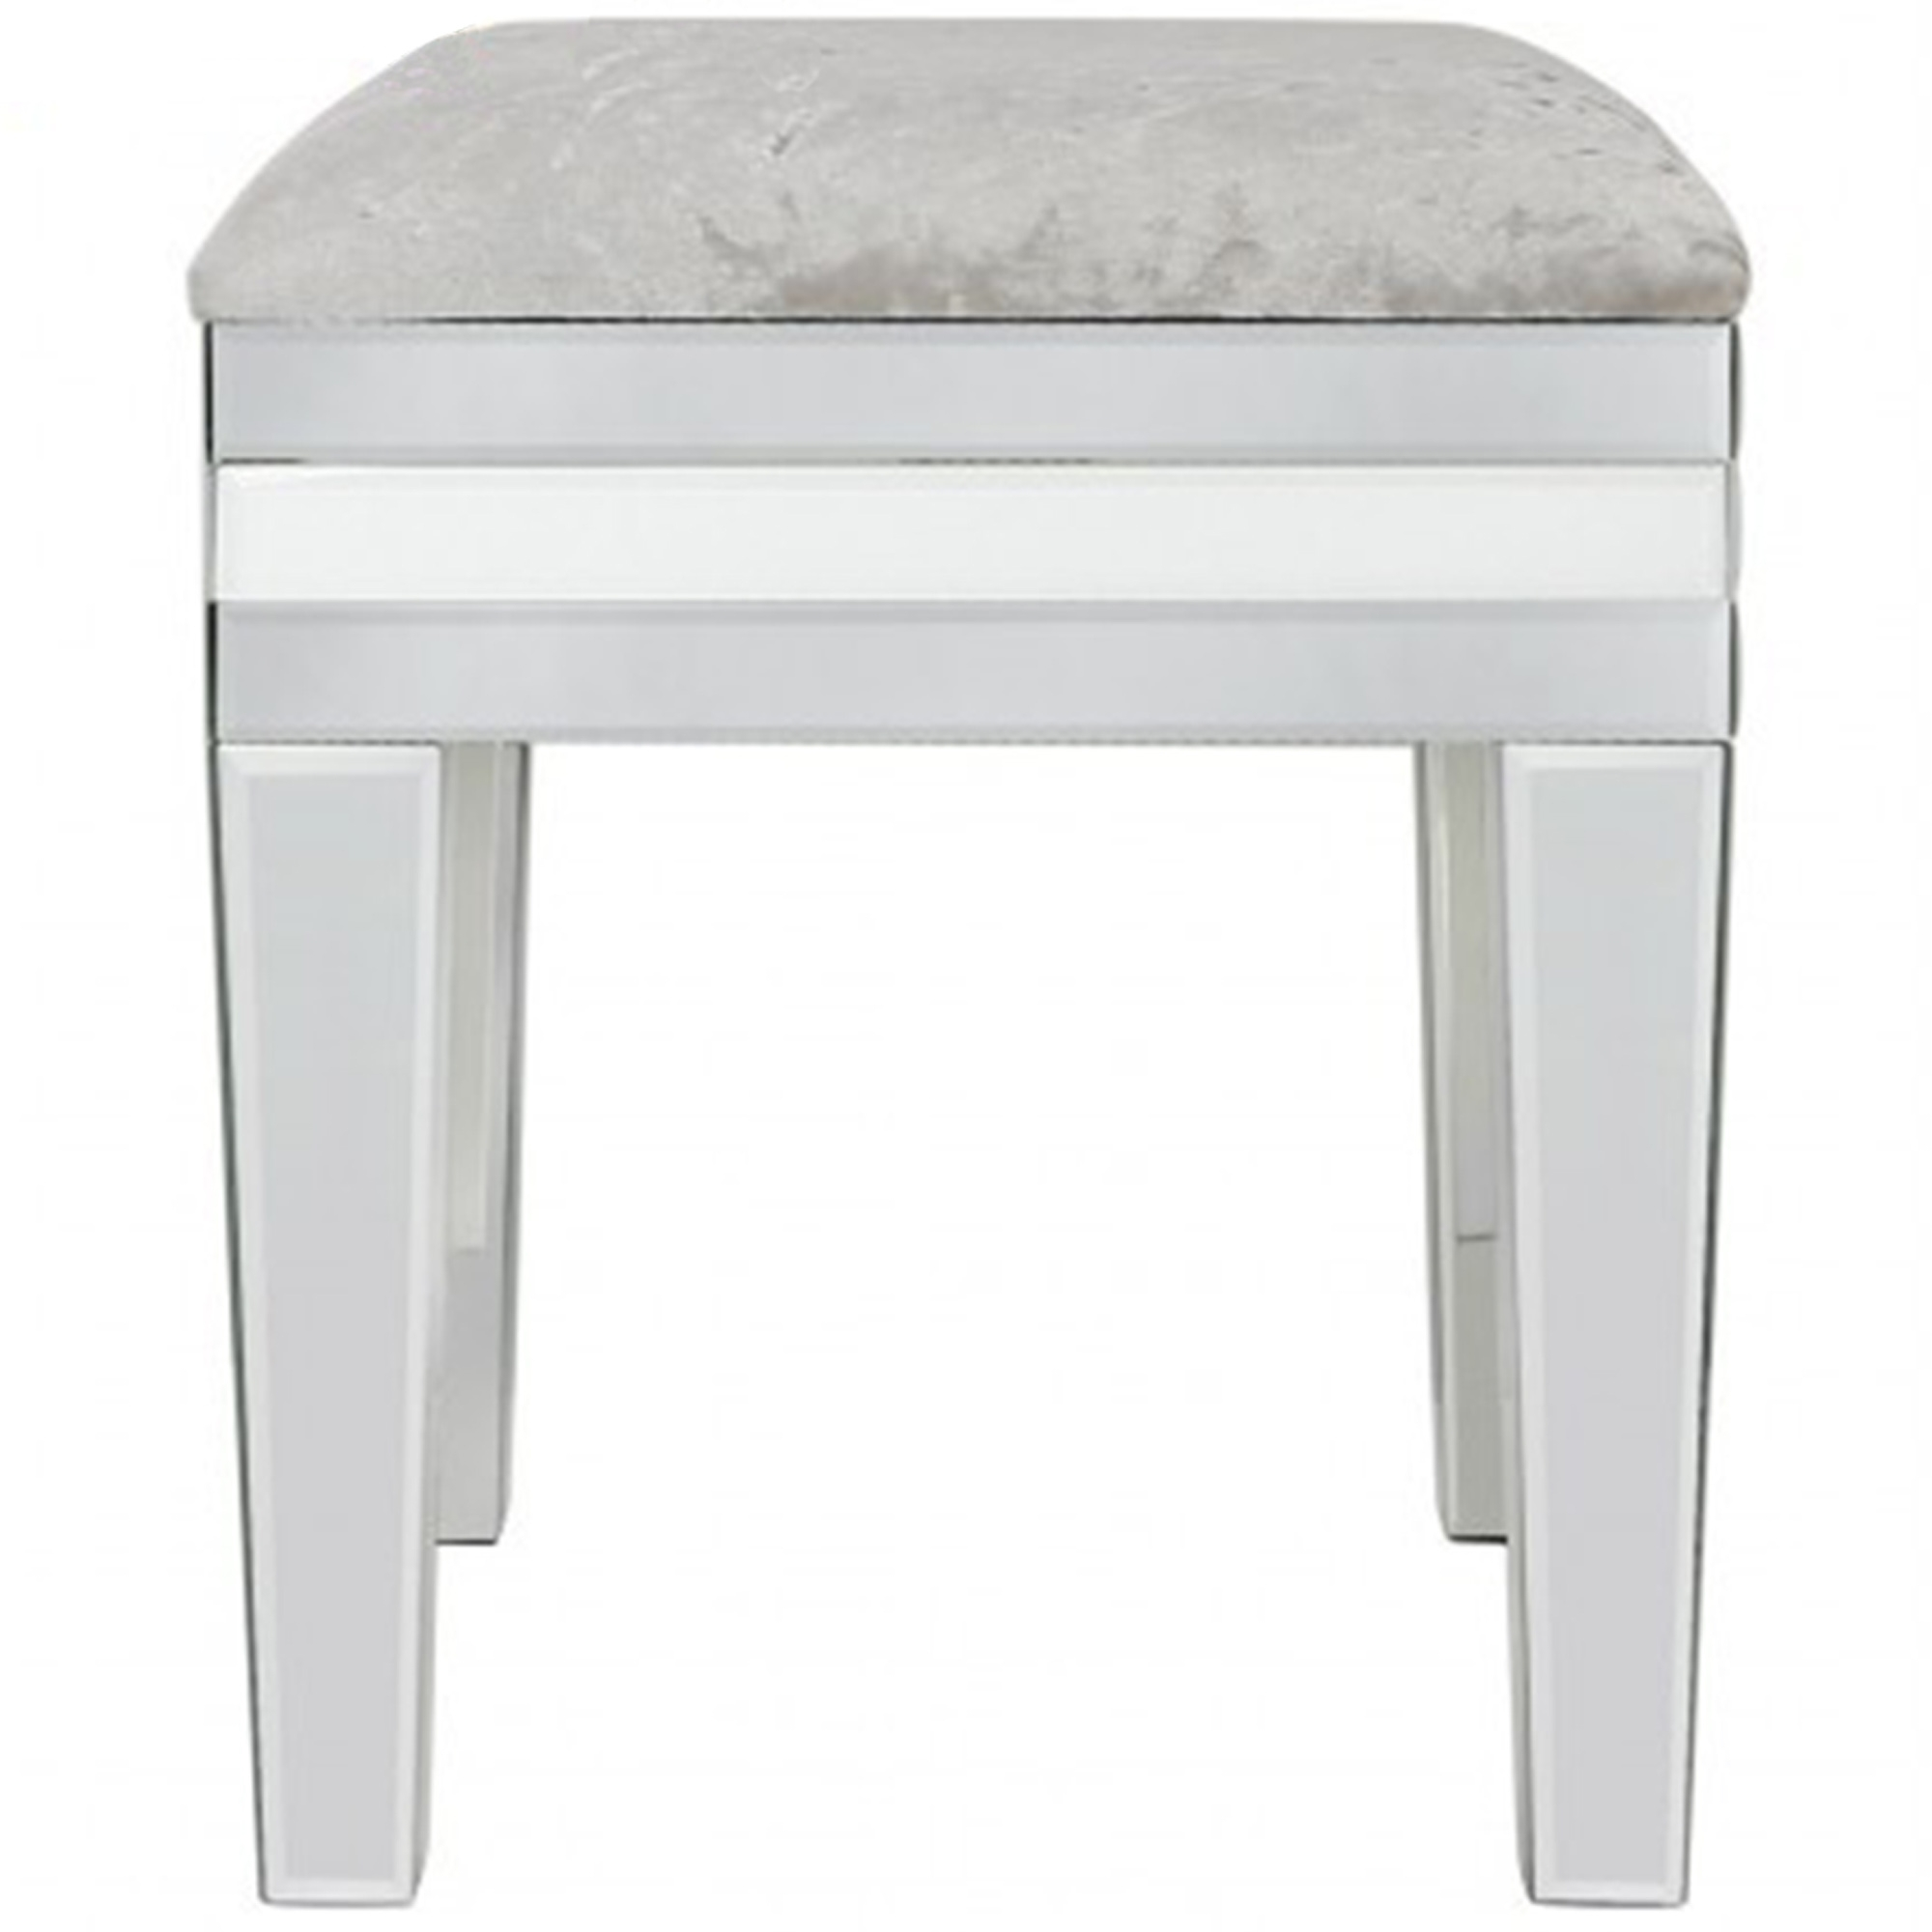 white and mirrored furniture. savona white mirrored stool and furniture e